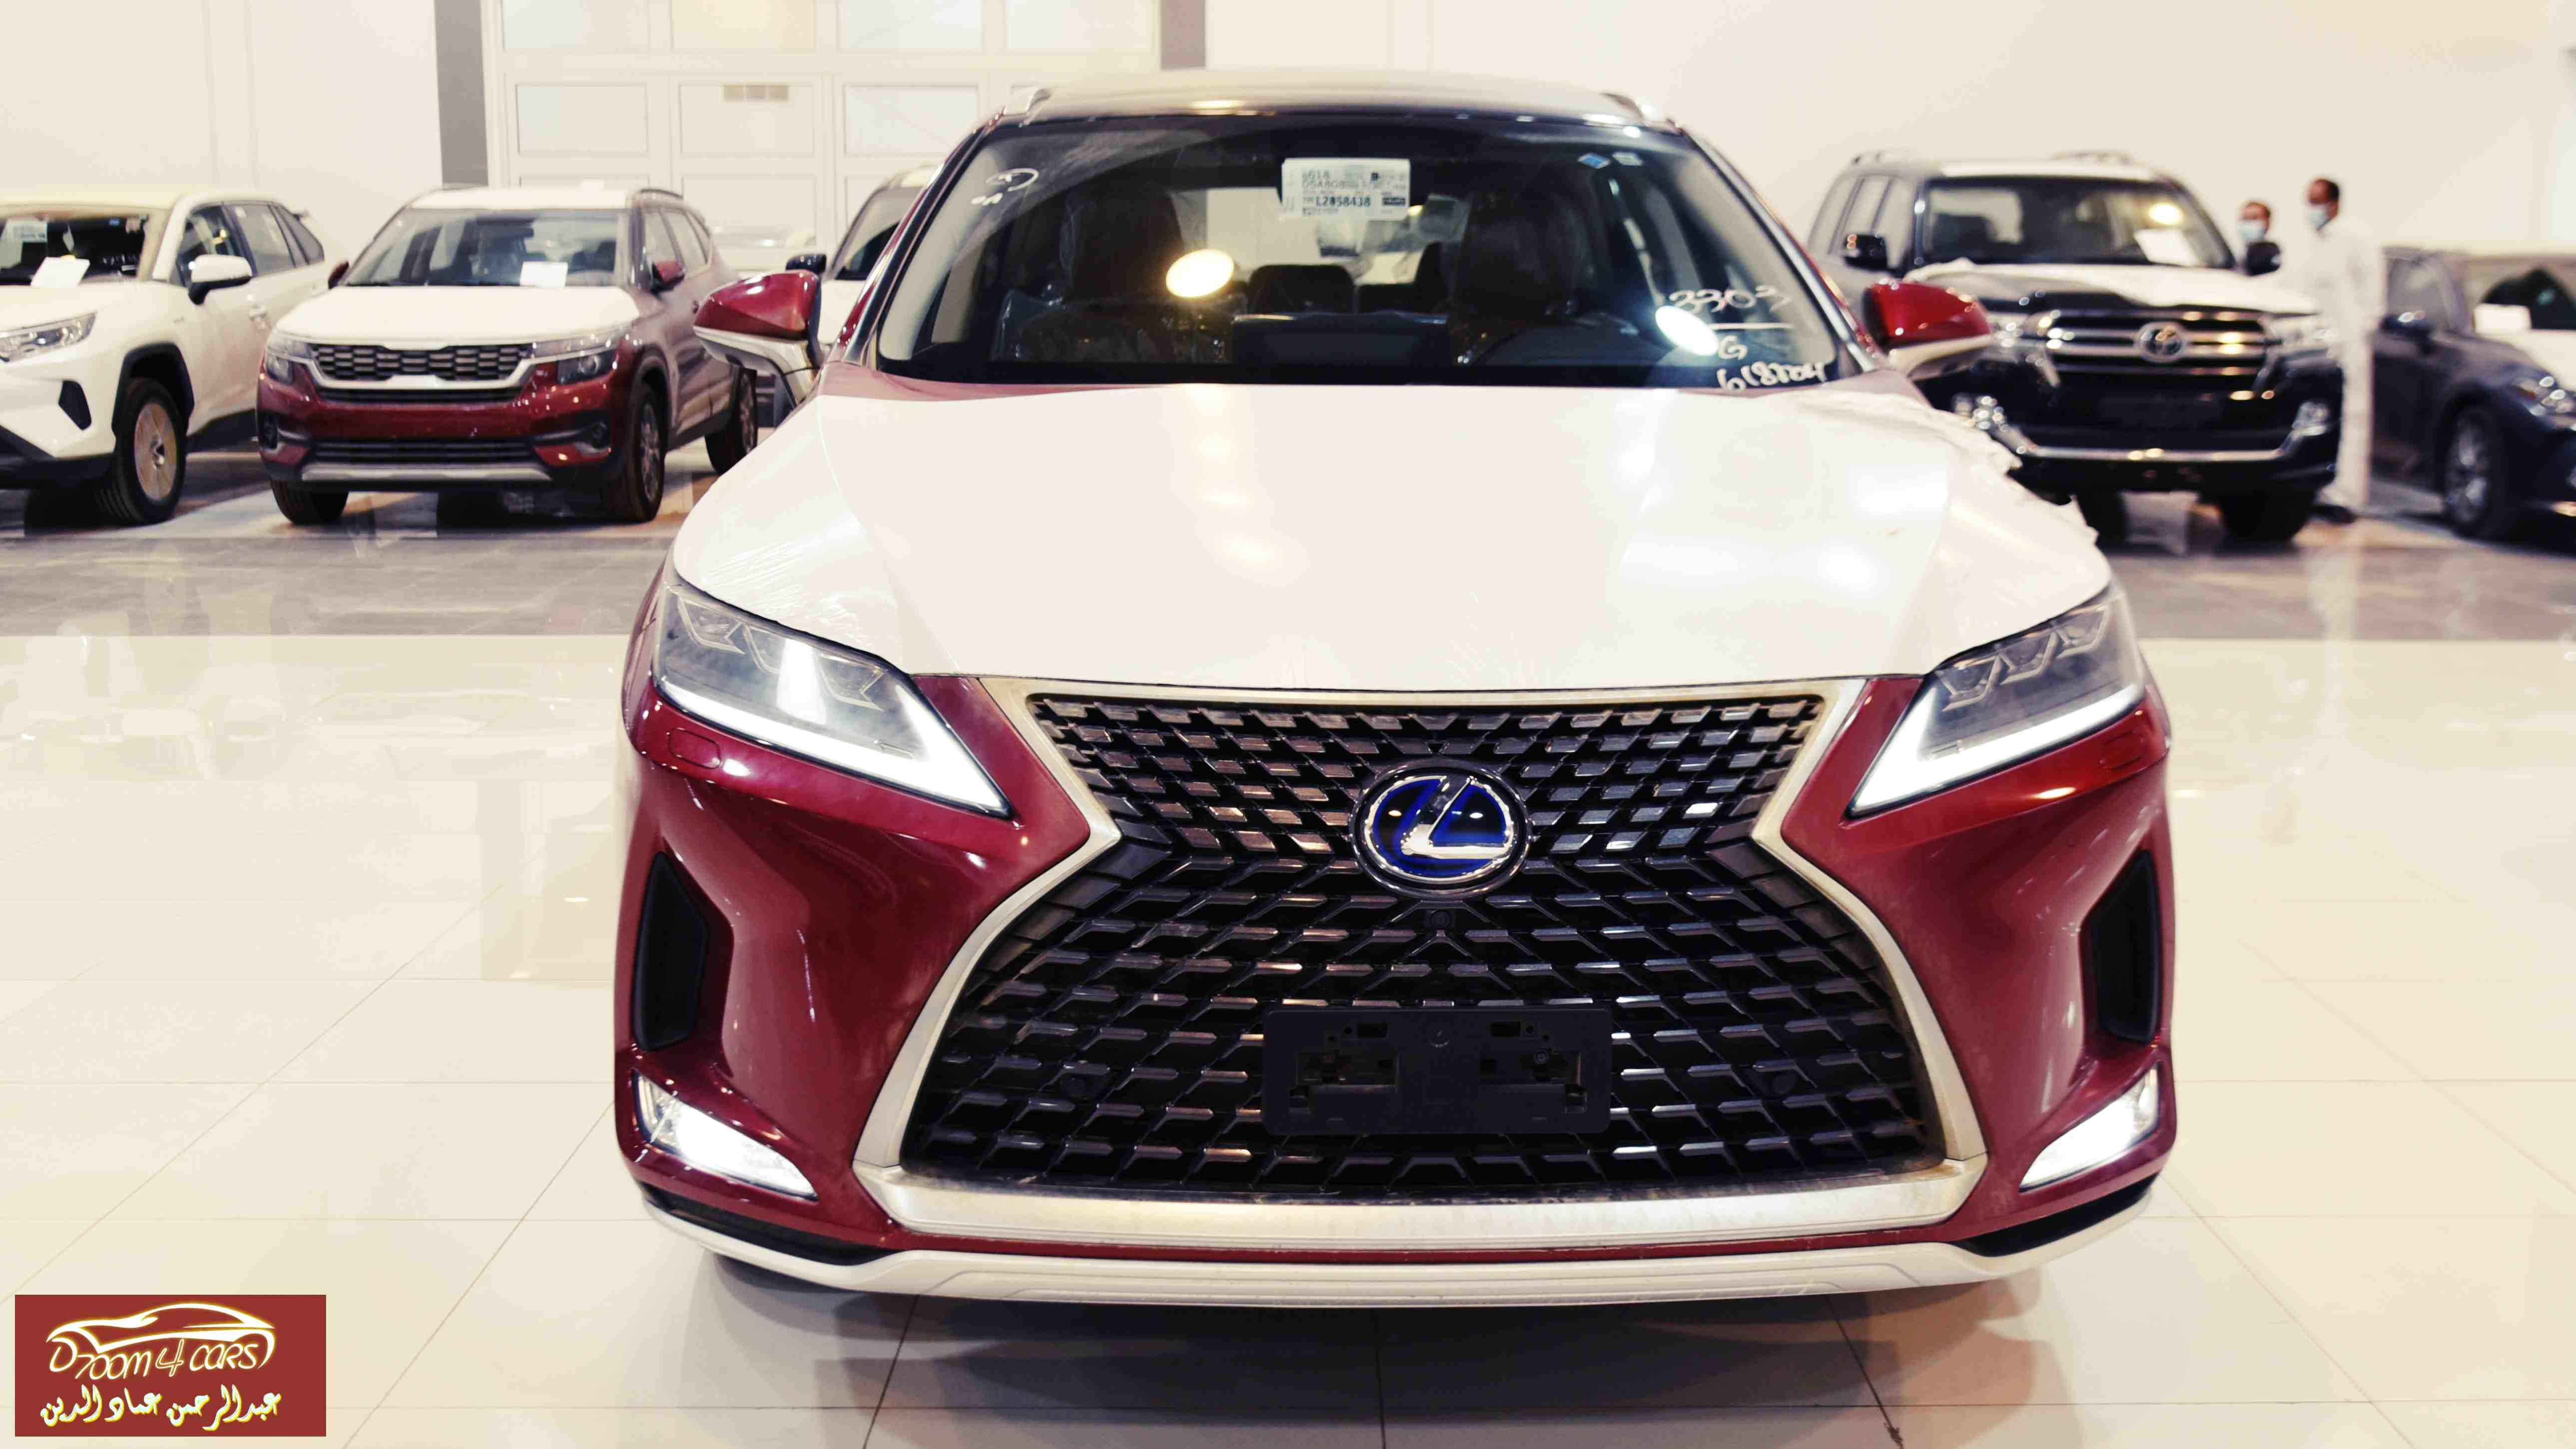 لكزس RX 450 هايبرد 2020 سعودي 258.750 شامل الضريبة عرض خاص  للبيع في الرياض - السعودية - صورة كبيرة - 2